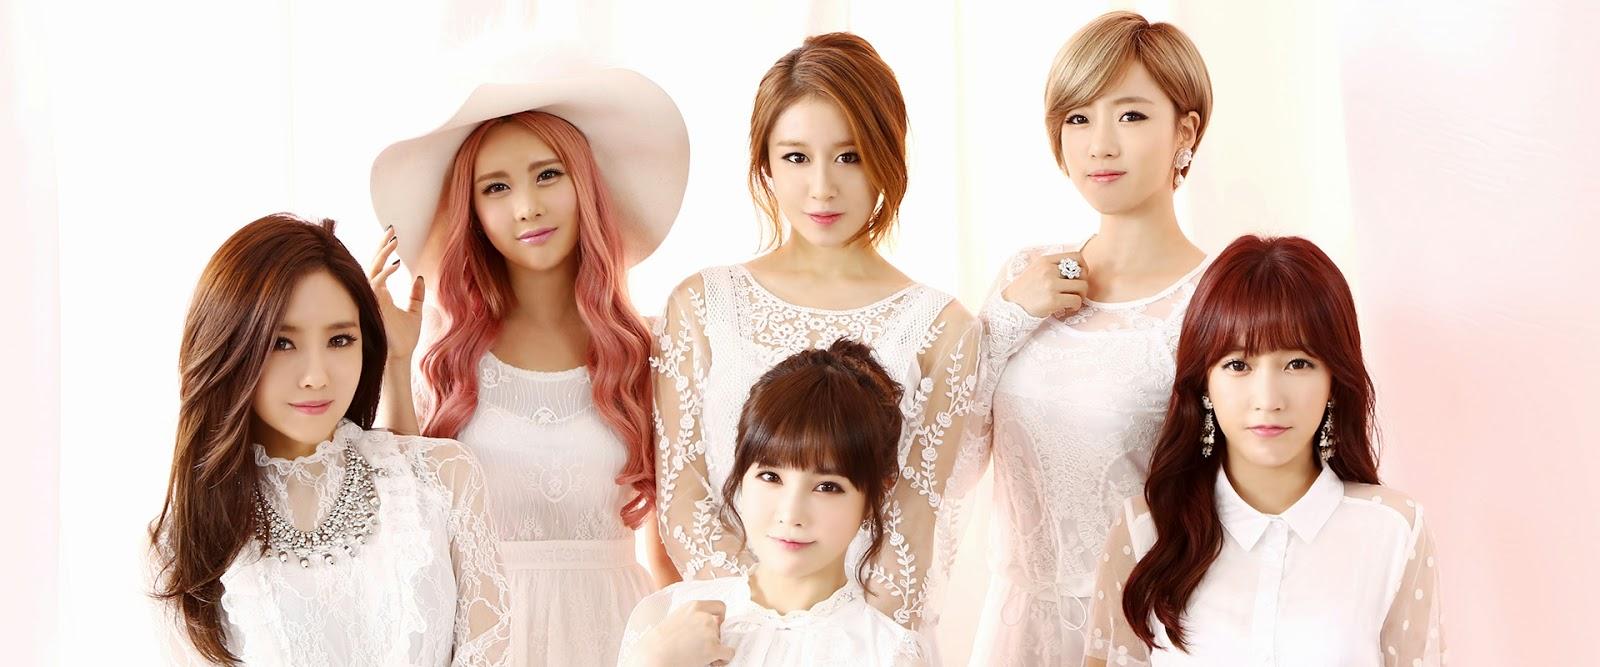 ara s up ing 3rd japanese album titled gossip girls t ara